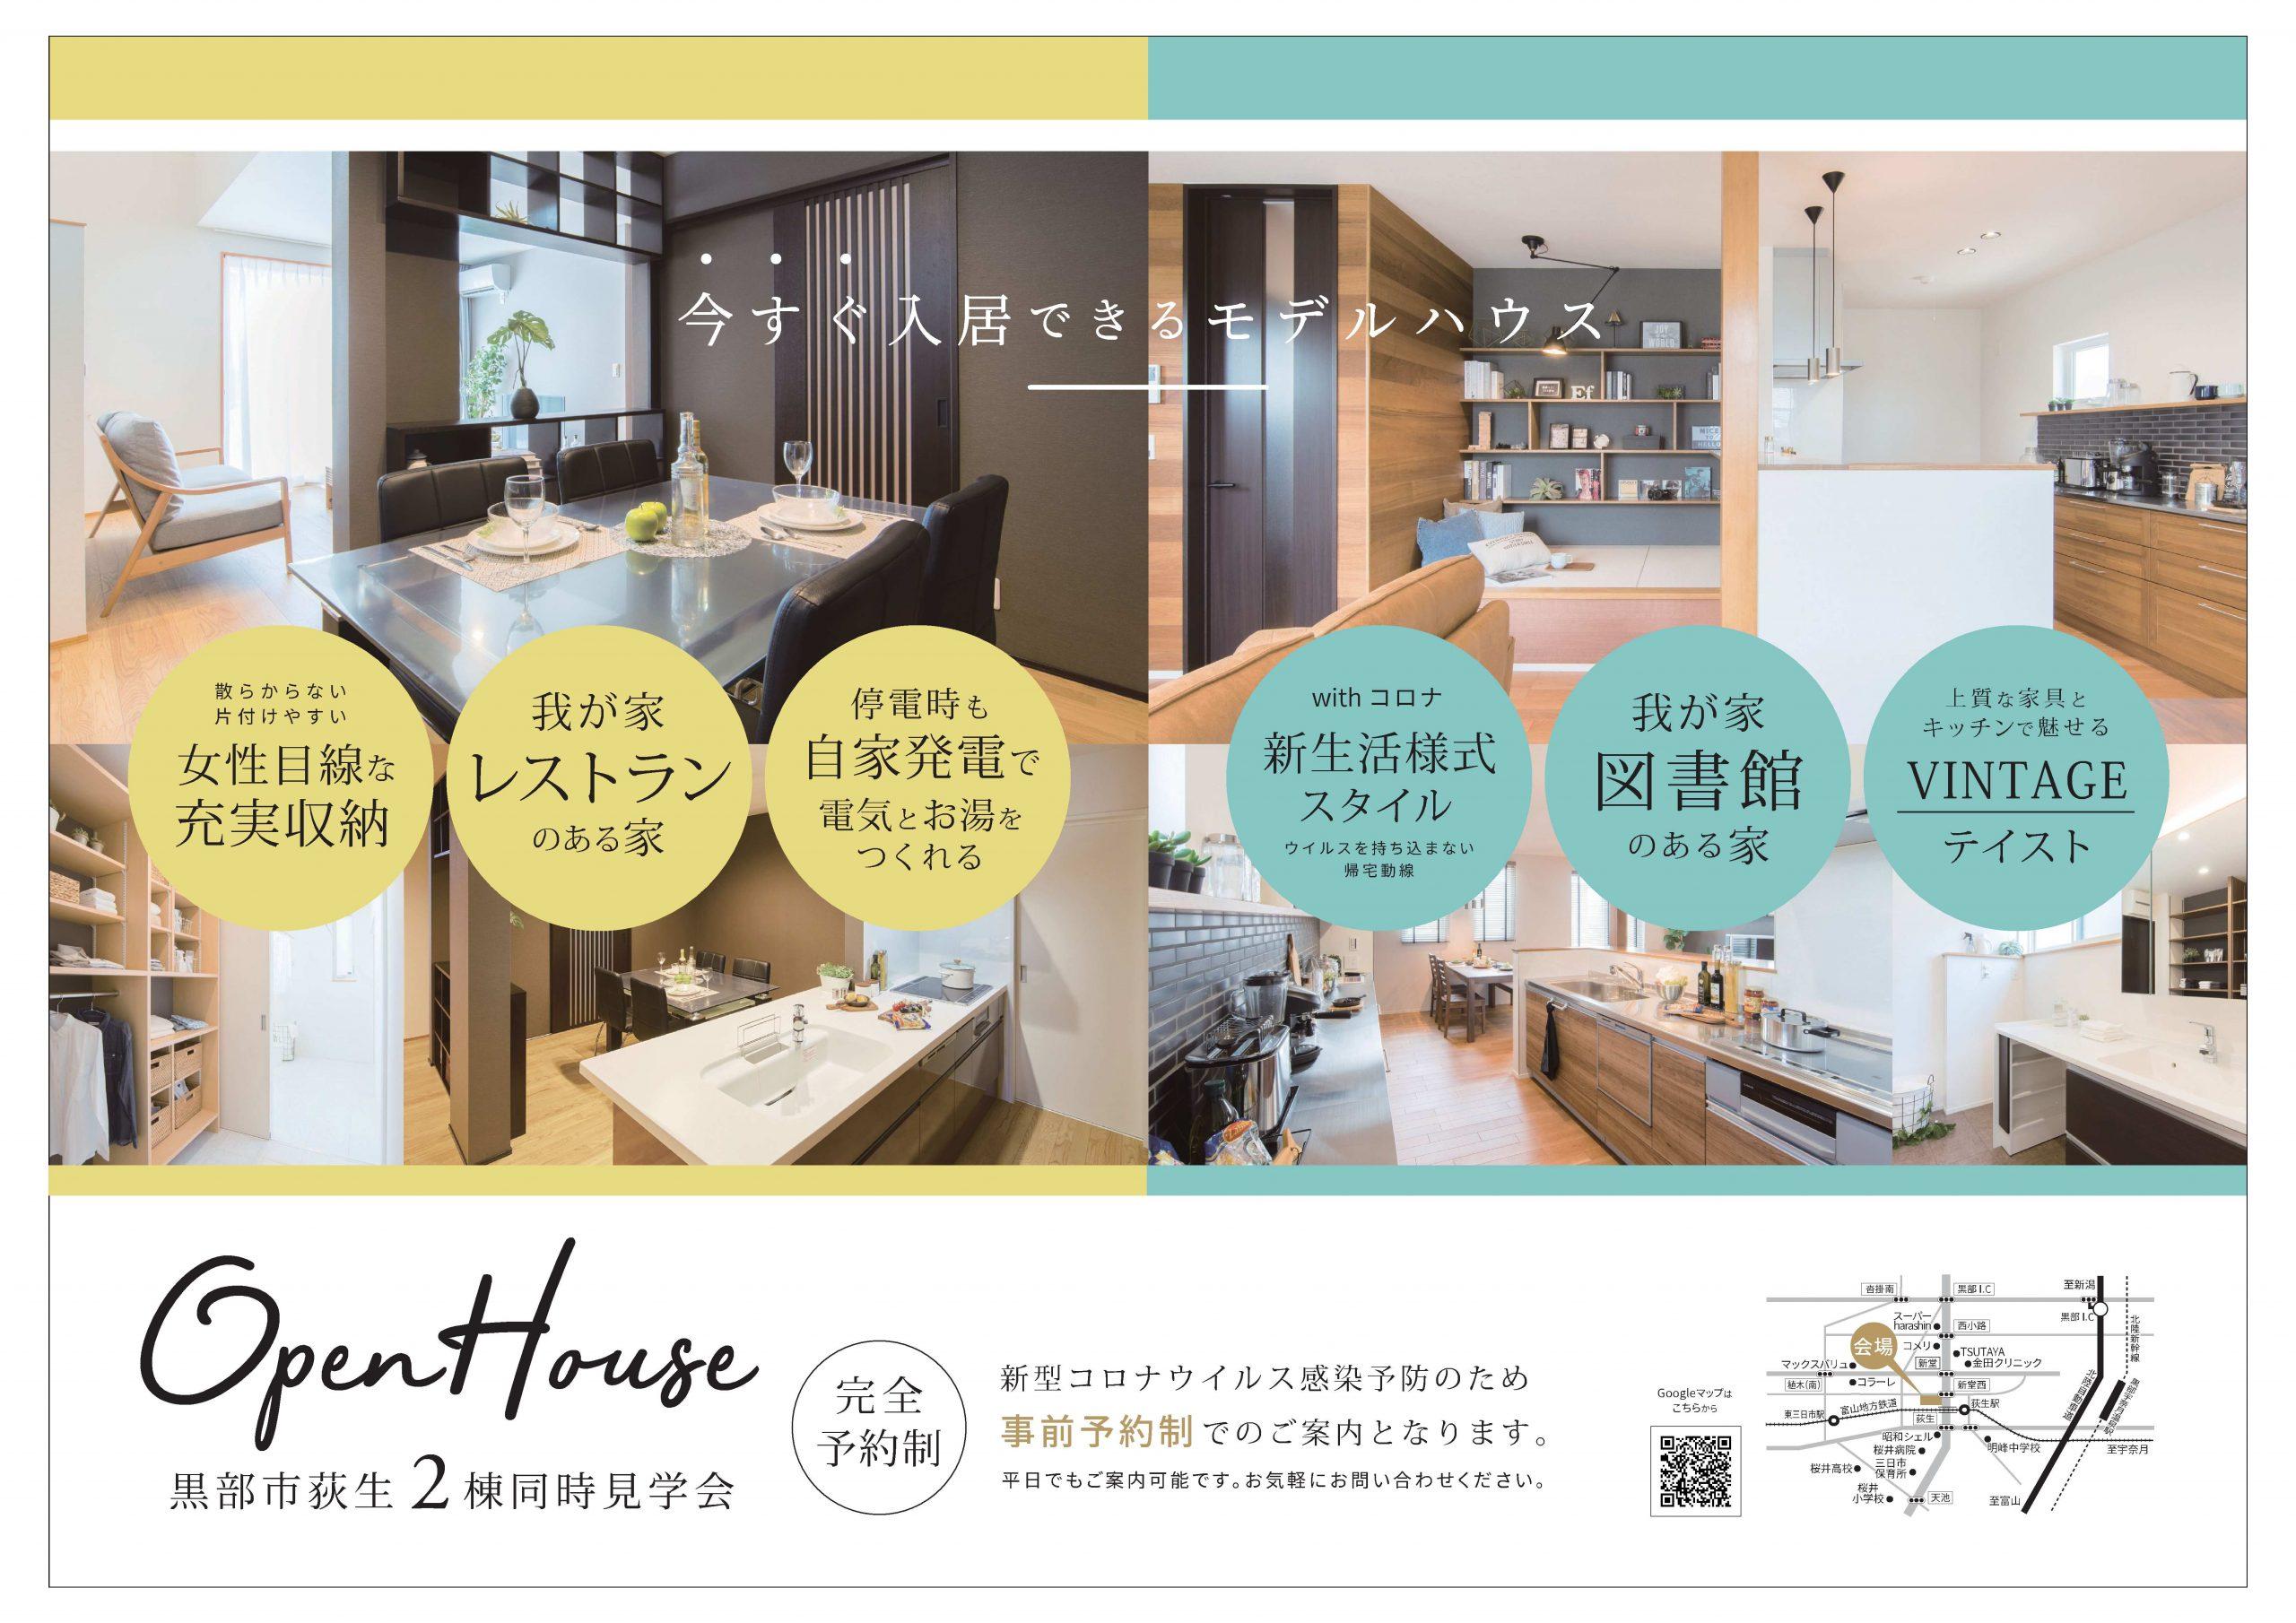 黒部市陽だまりタウン桜井モデルOPEN HOUSE【予約制】